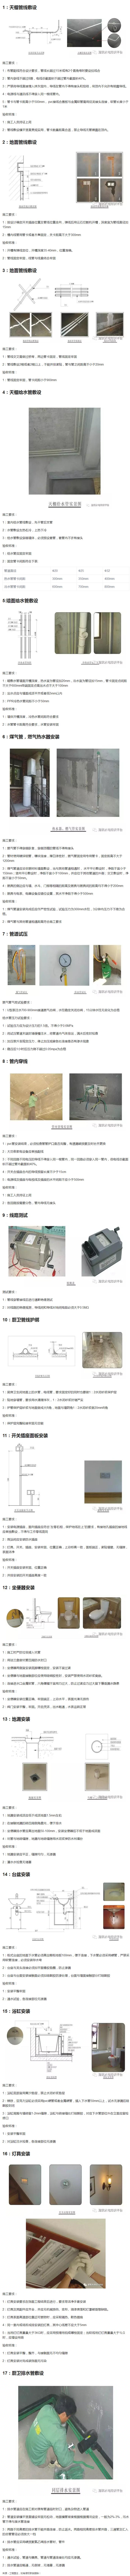 精装修水电安装工程质量检查控制要点,细节做法及实例图!